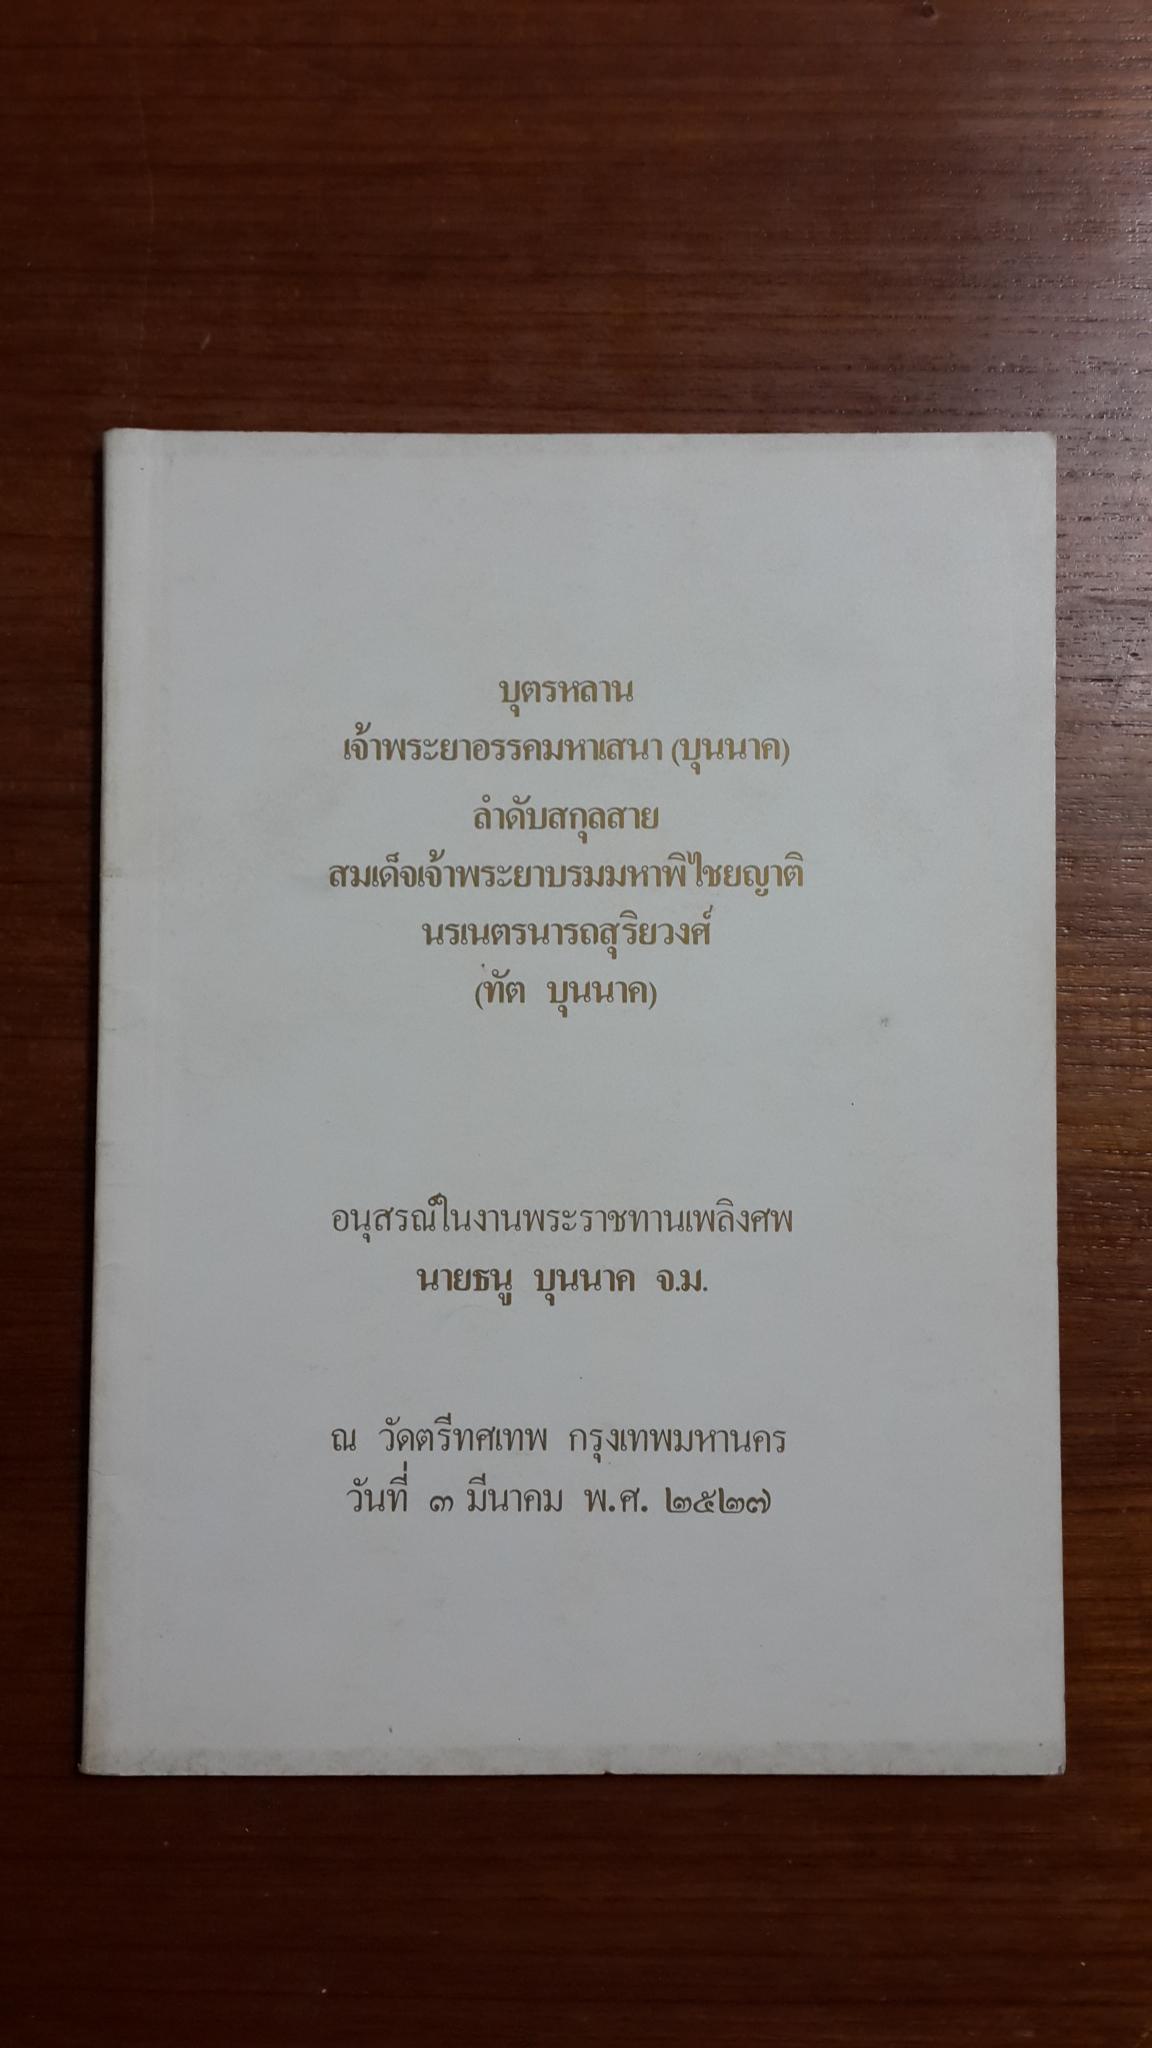 บุตรหลาน เจ้าพระยาอรรคมหาเสนา (บุนนาค) ลำดับสกุลสาย สมเด็จเจ้าพระยาบรมมหาพิไชยญาติ นรเนตรนารถสุริยวงศ์ (ทัต บุนนาค) : อนุสรณ์ในงานพระราชทานเพลิงศพ นายธนู บุนนาค